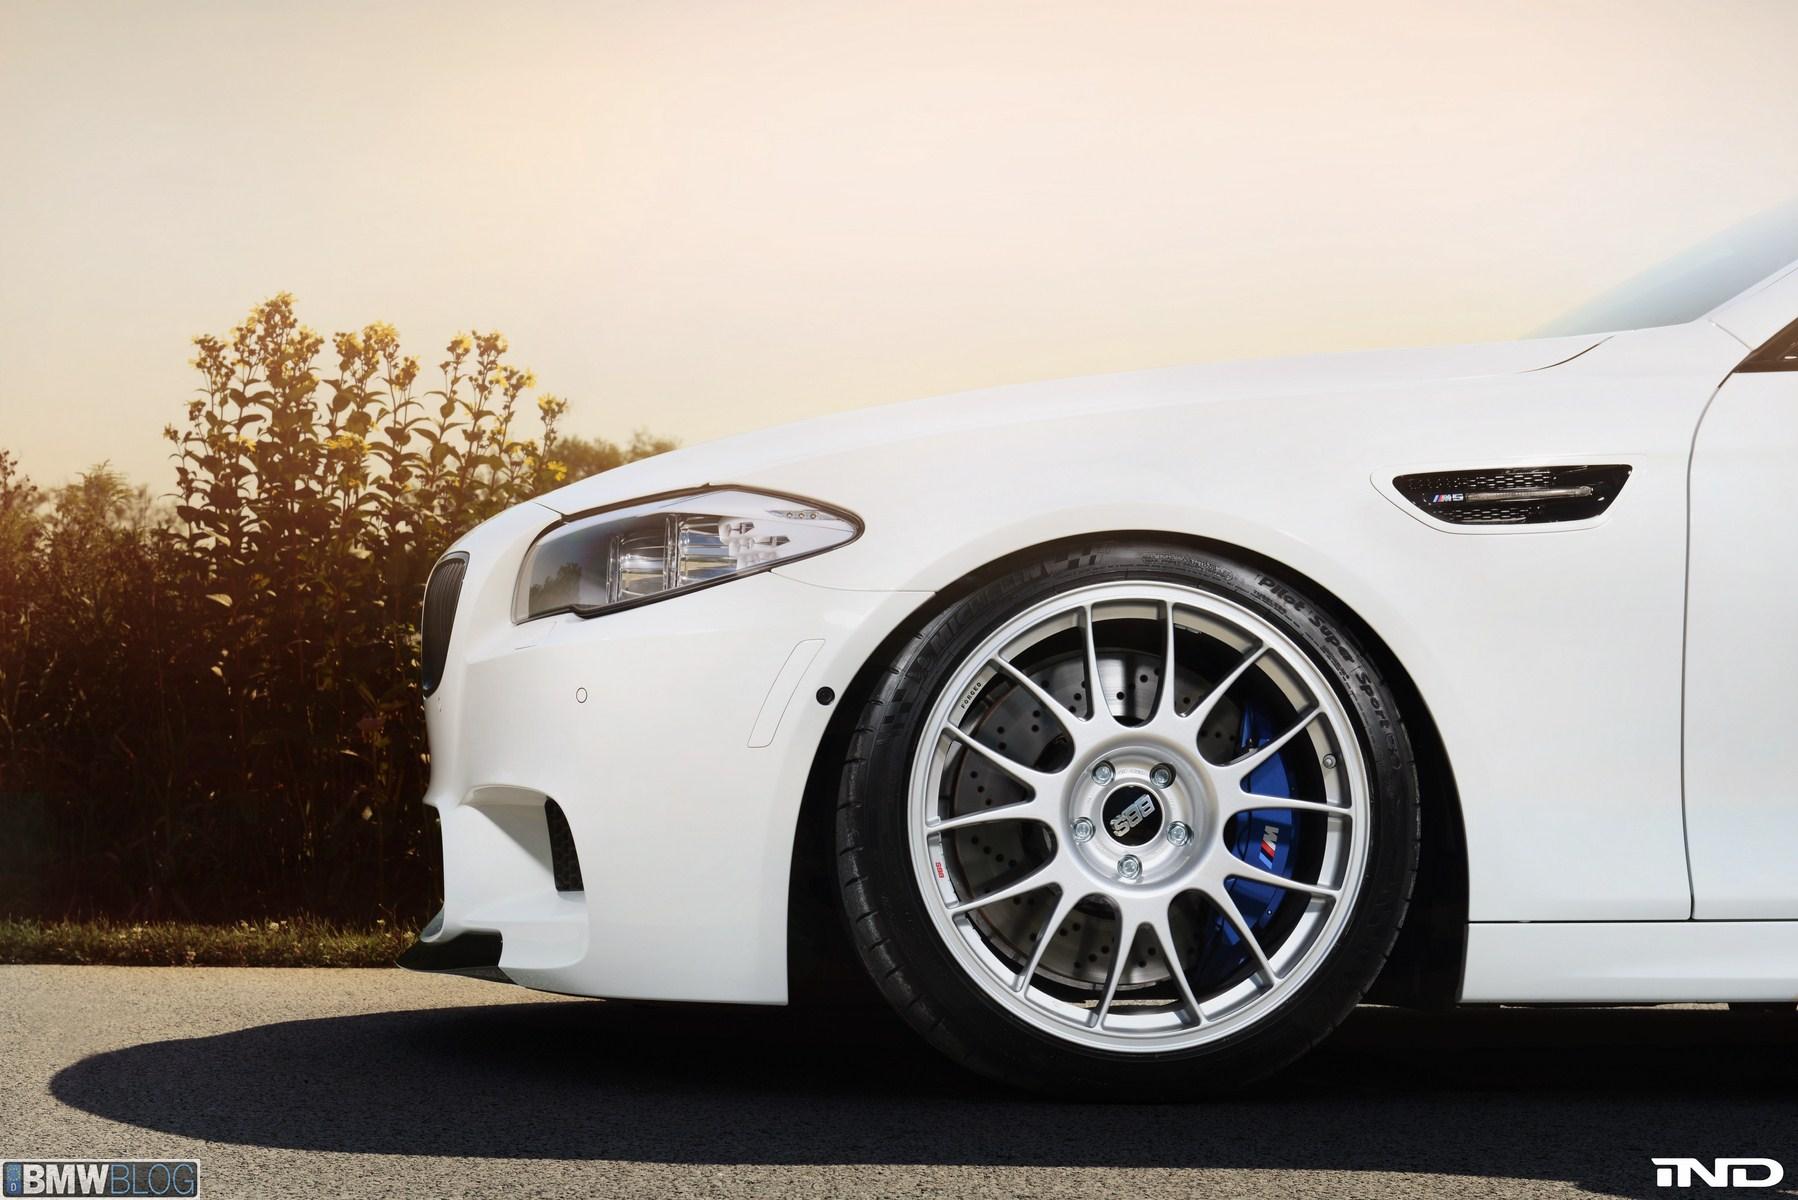 BMW M5 IND 89